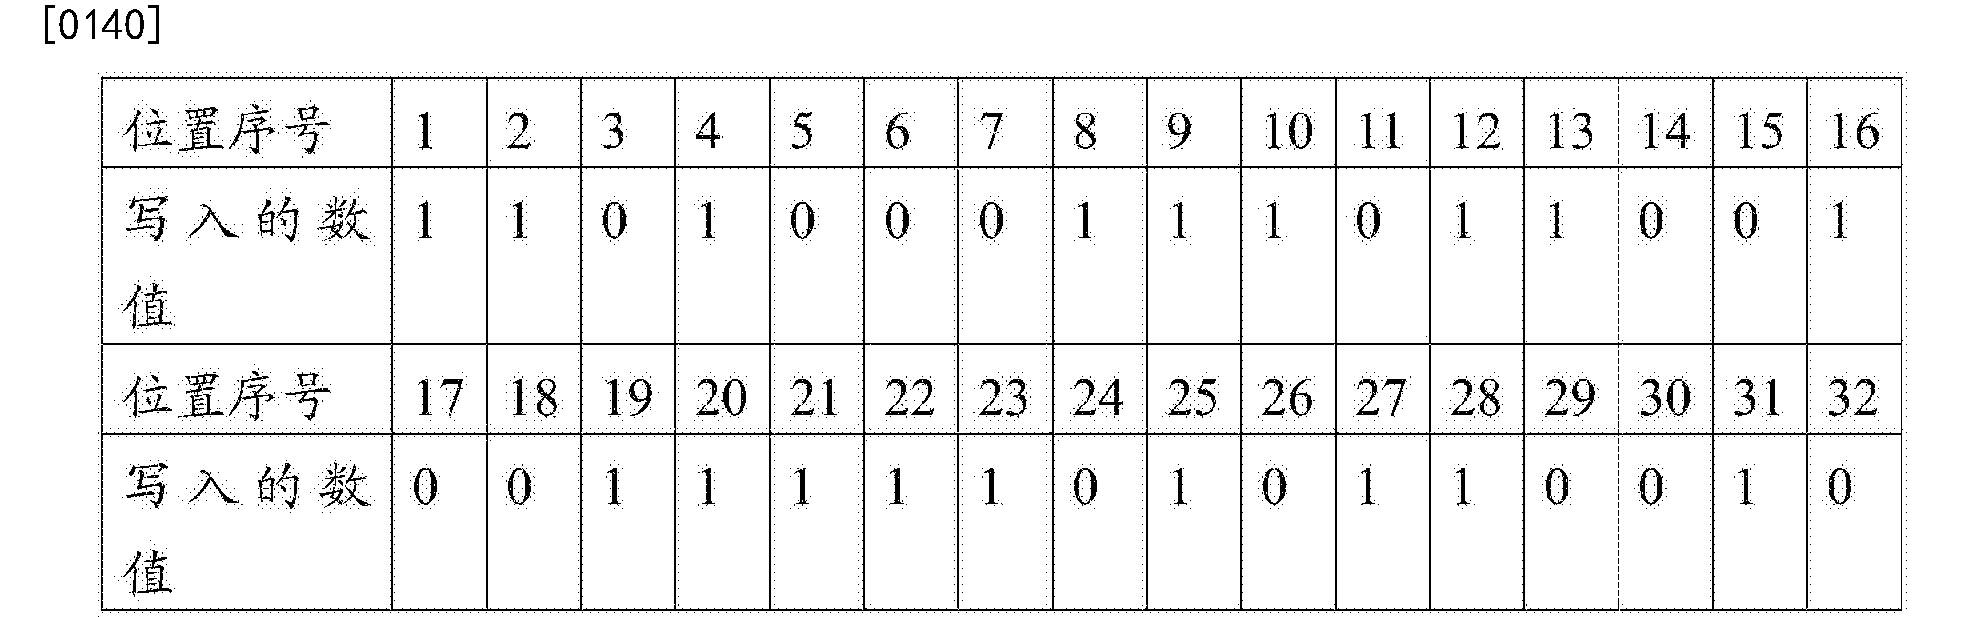 Figure CN104658608BD00171